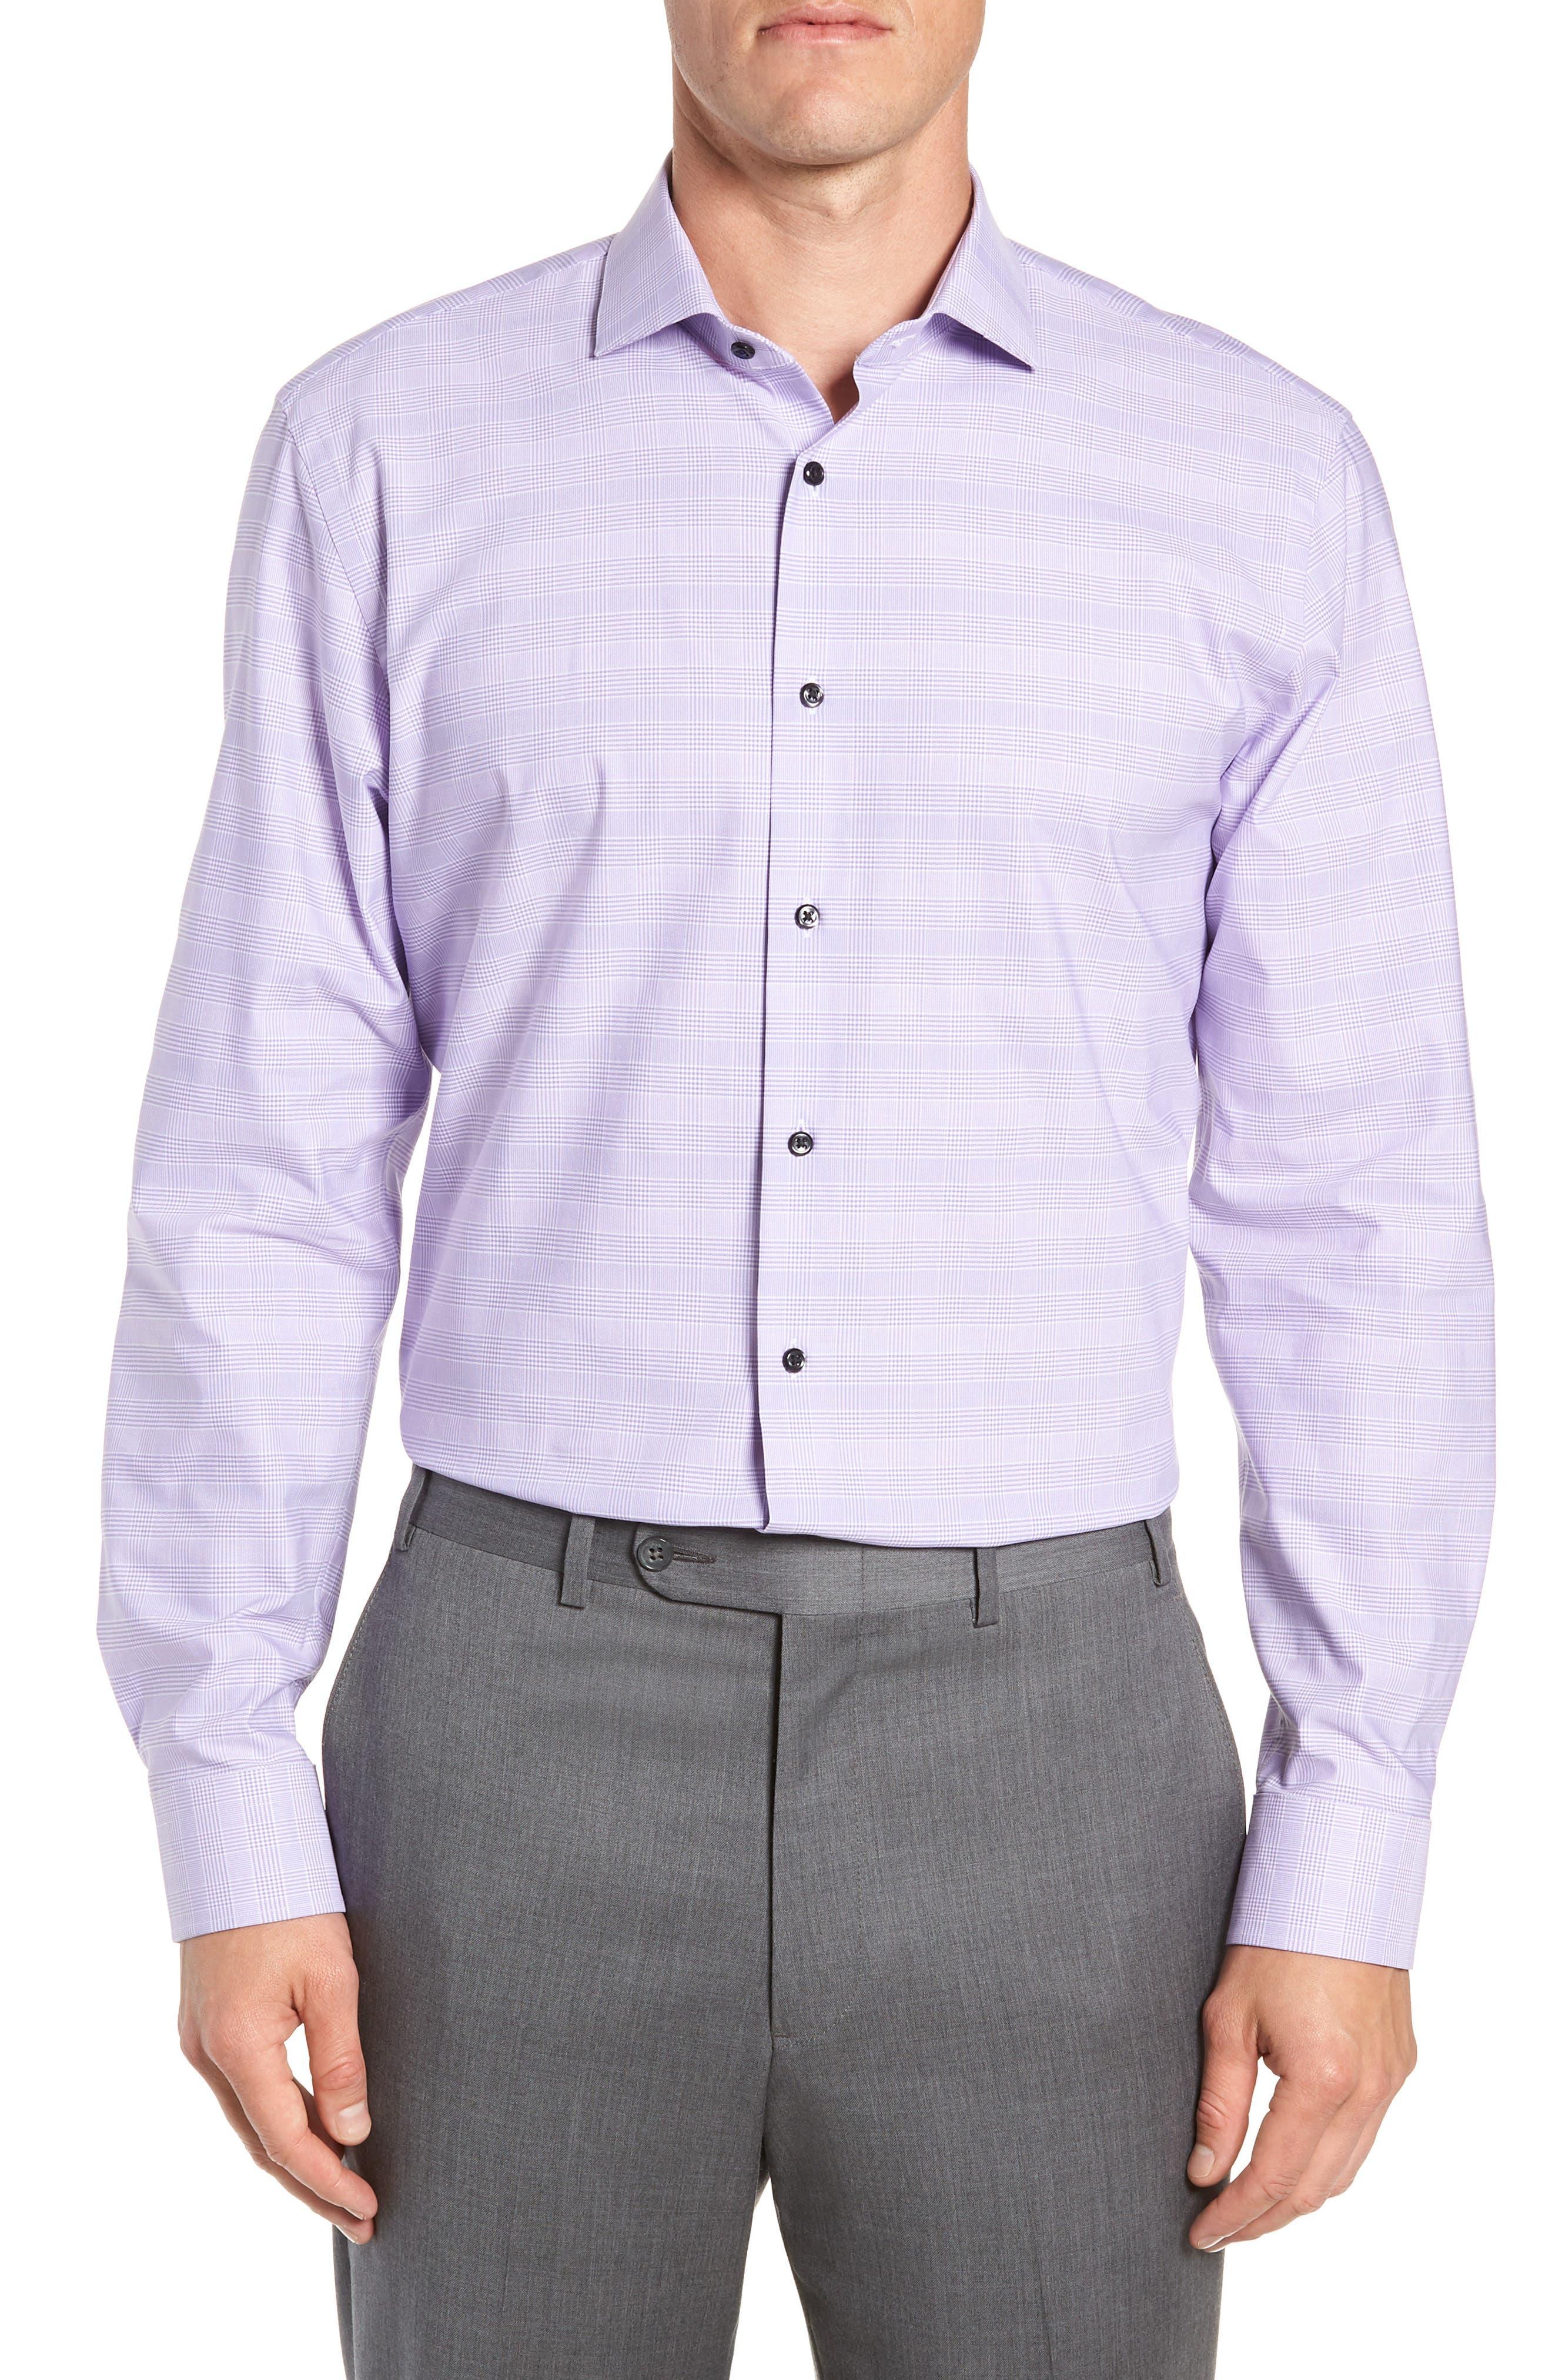 Tech-Smart Trim Fit Stretch Plaid Dress Shirt,                             Main thumbnail 3, color,